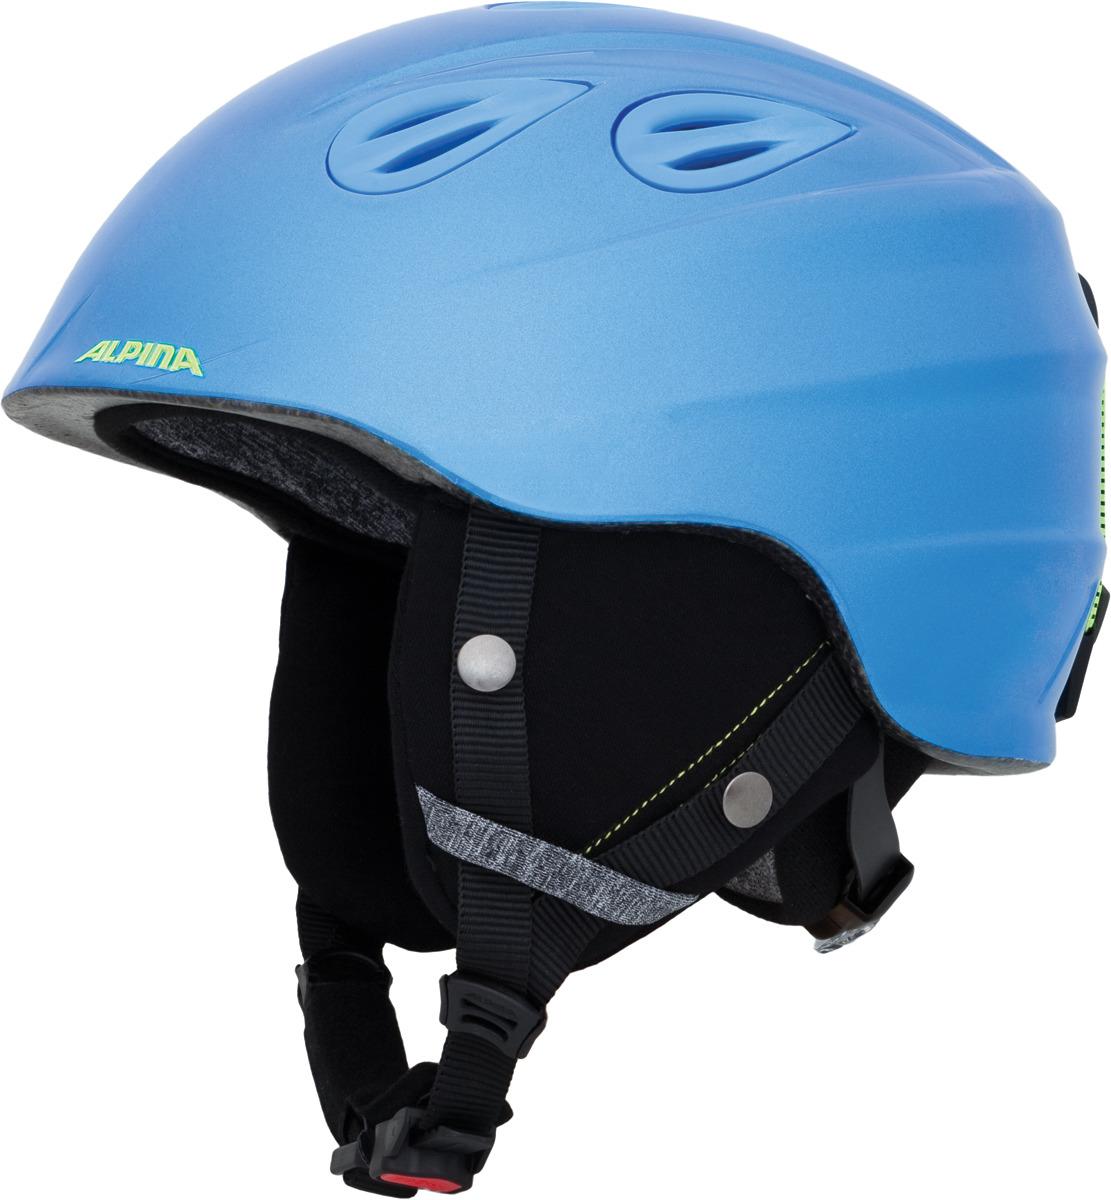 Шлем горнолыжный зимний Alpina Grap 2.0 JR, цвет: голубой. Размер 54-57 см